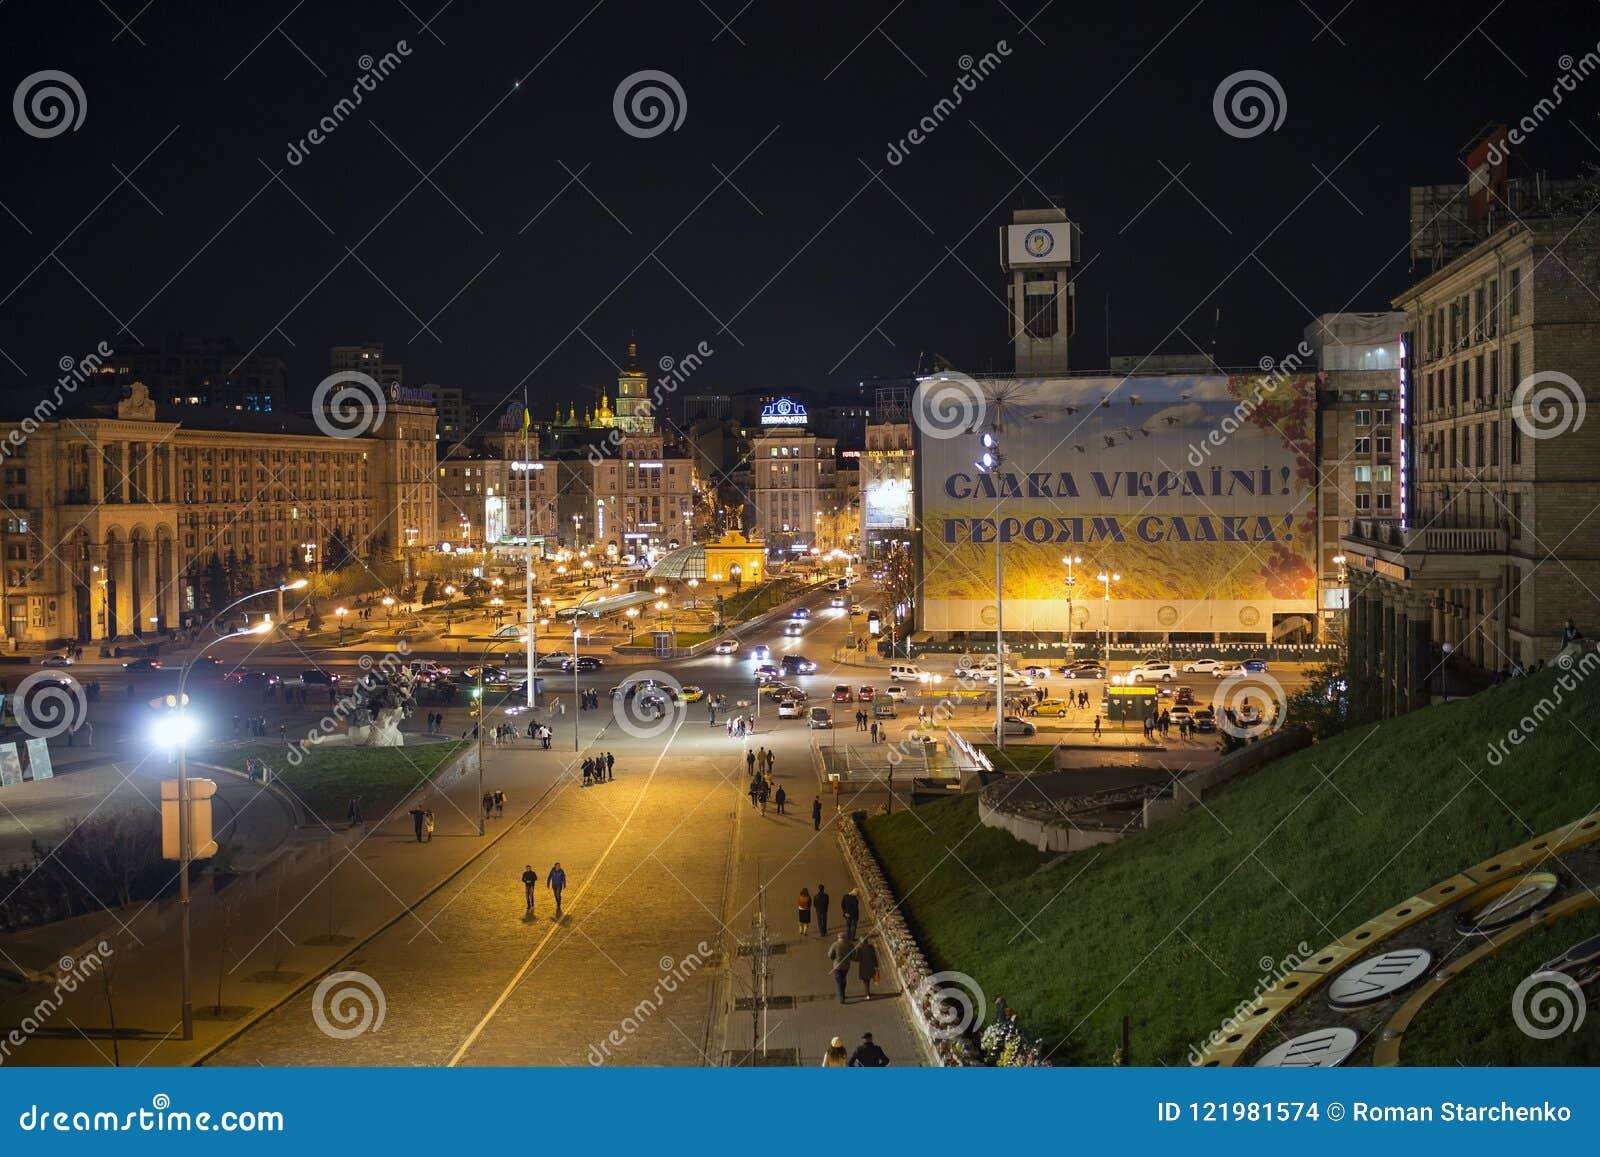 Kiev l ukraine 17 04 2015 Rues centrales de Kiev dans l illumination de nuit en été